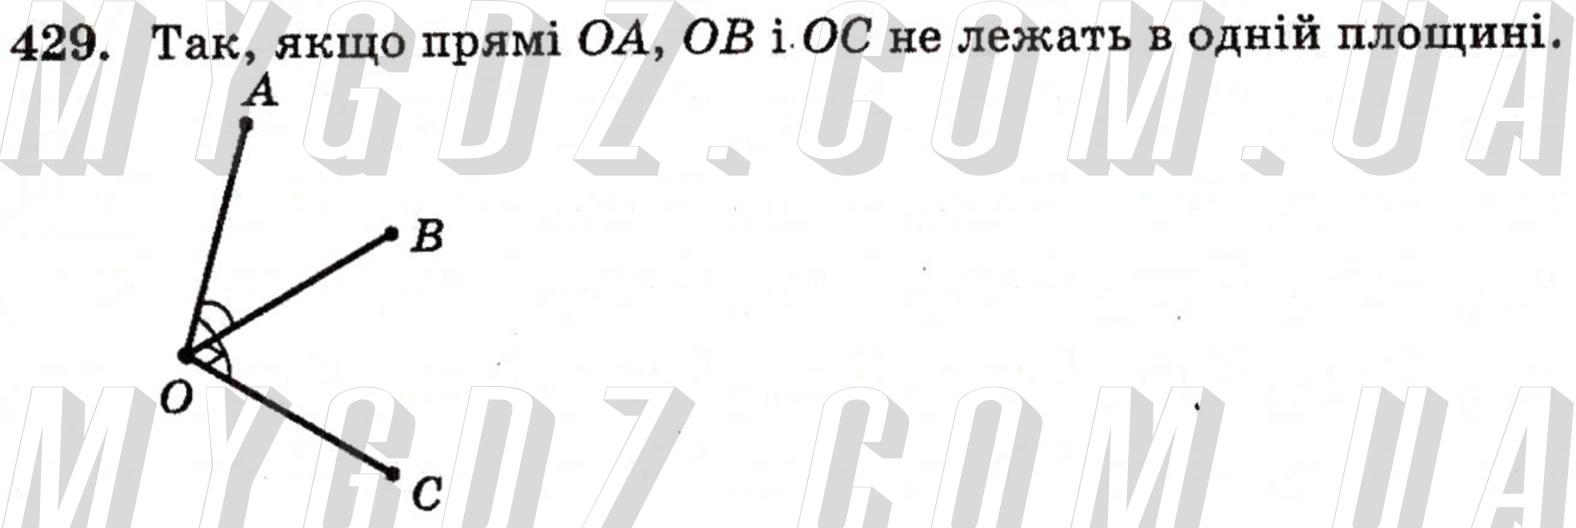 ГДЗ номер 429 2010 Бевз, Бевз 10 клас